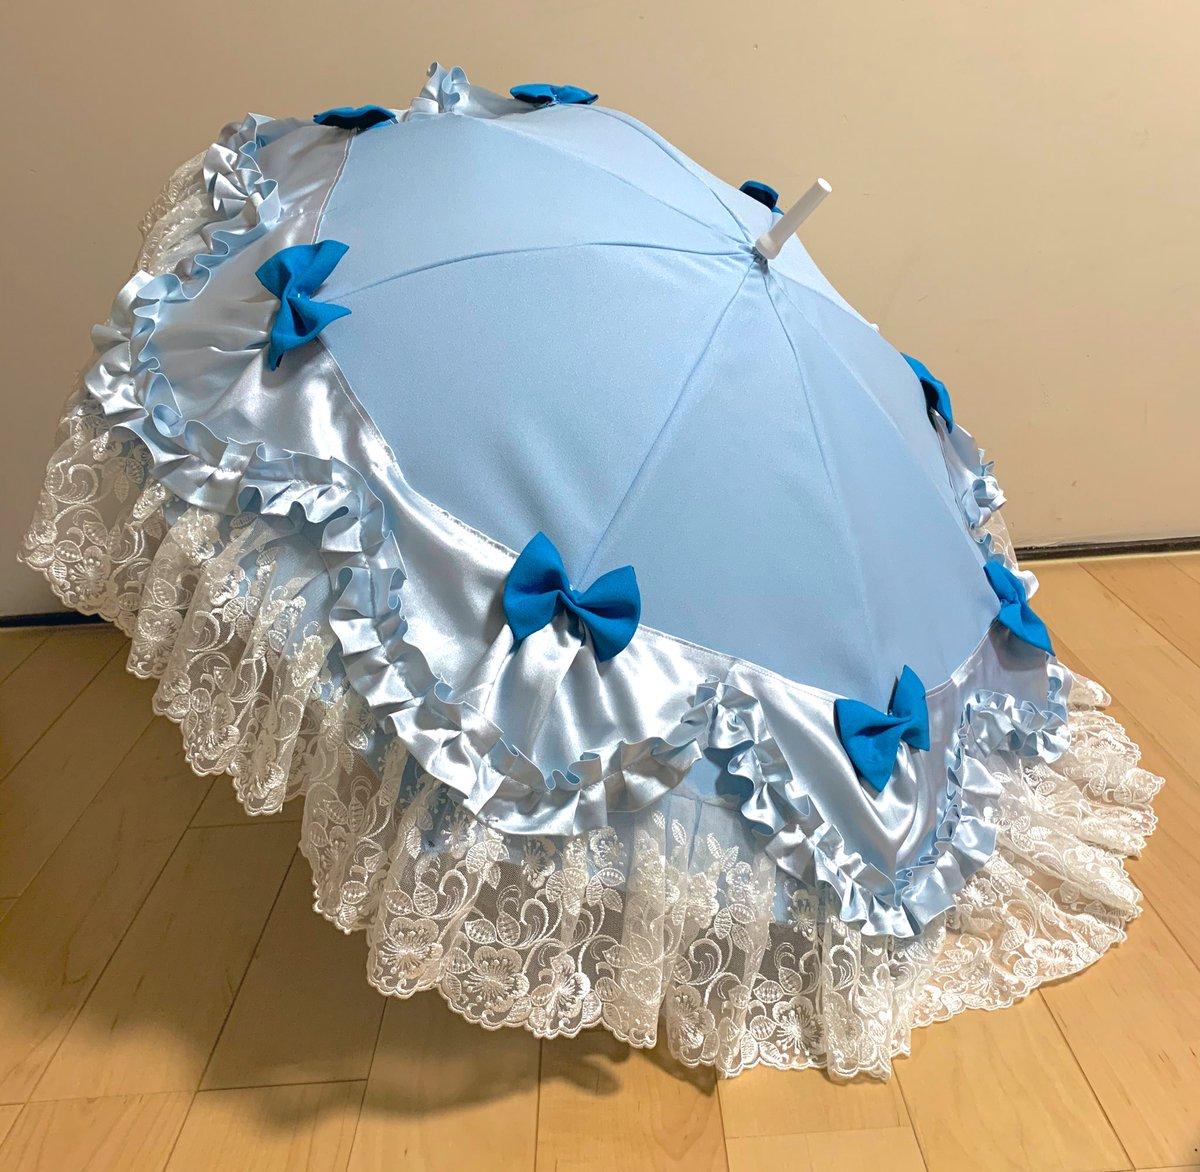 ダイソーのビニール傘から錬成しました